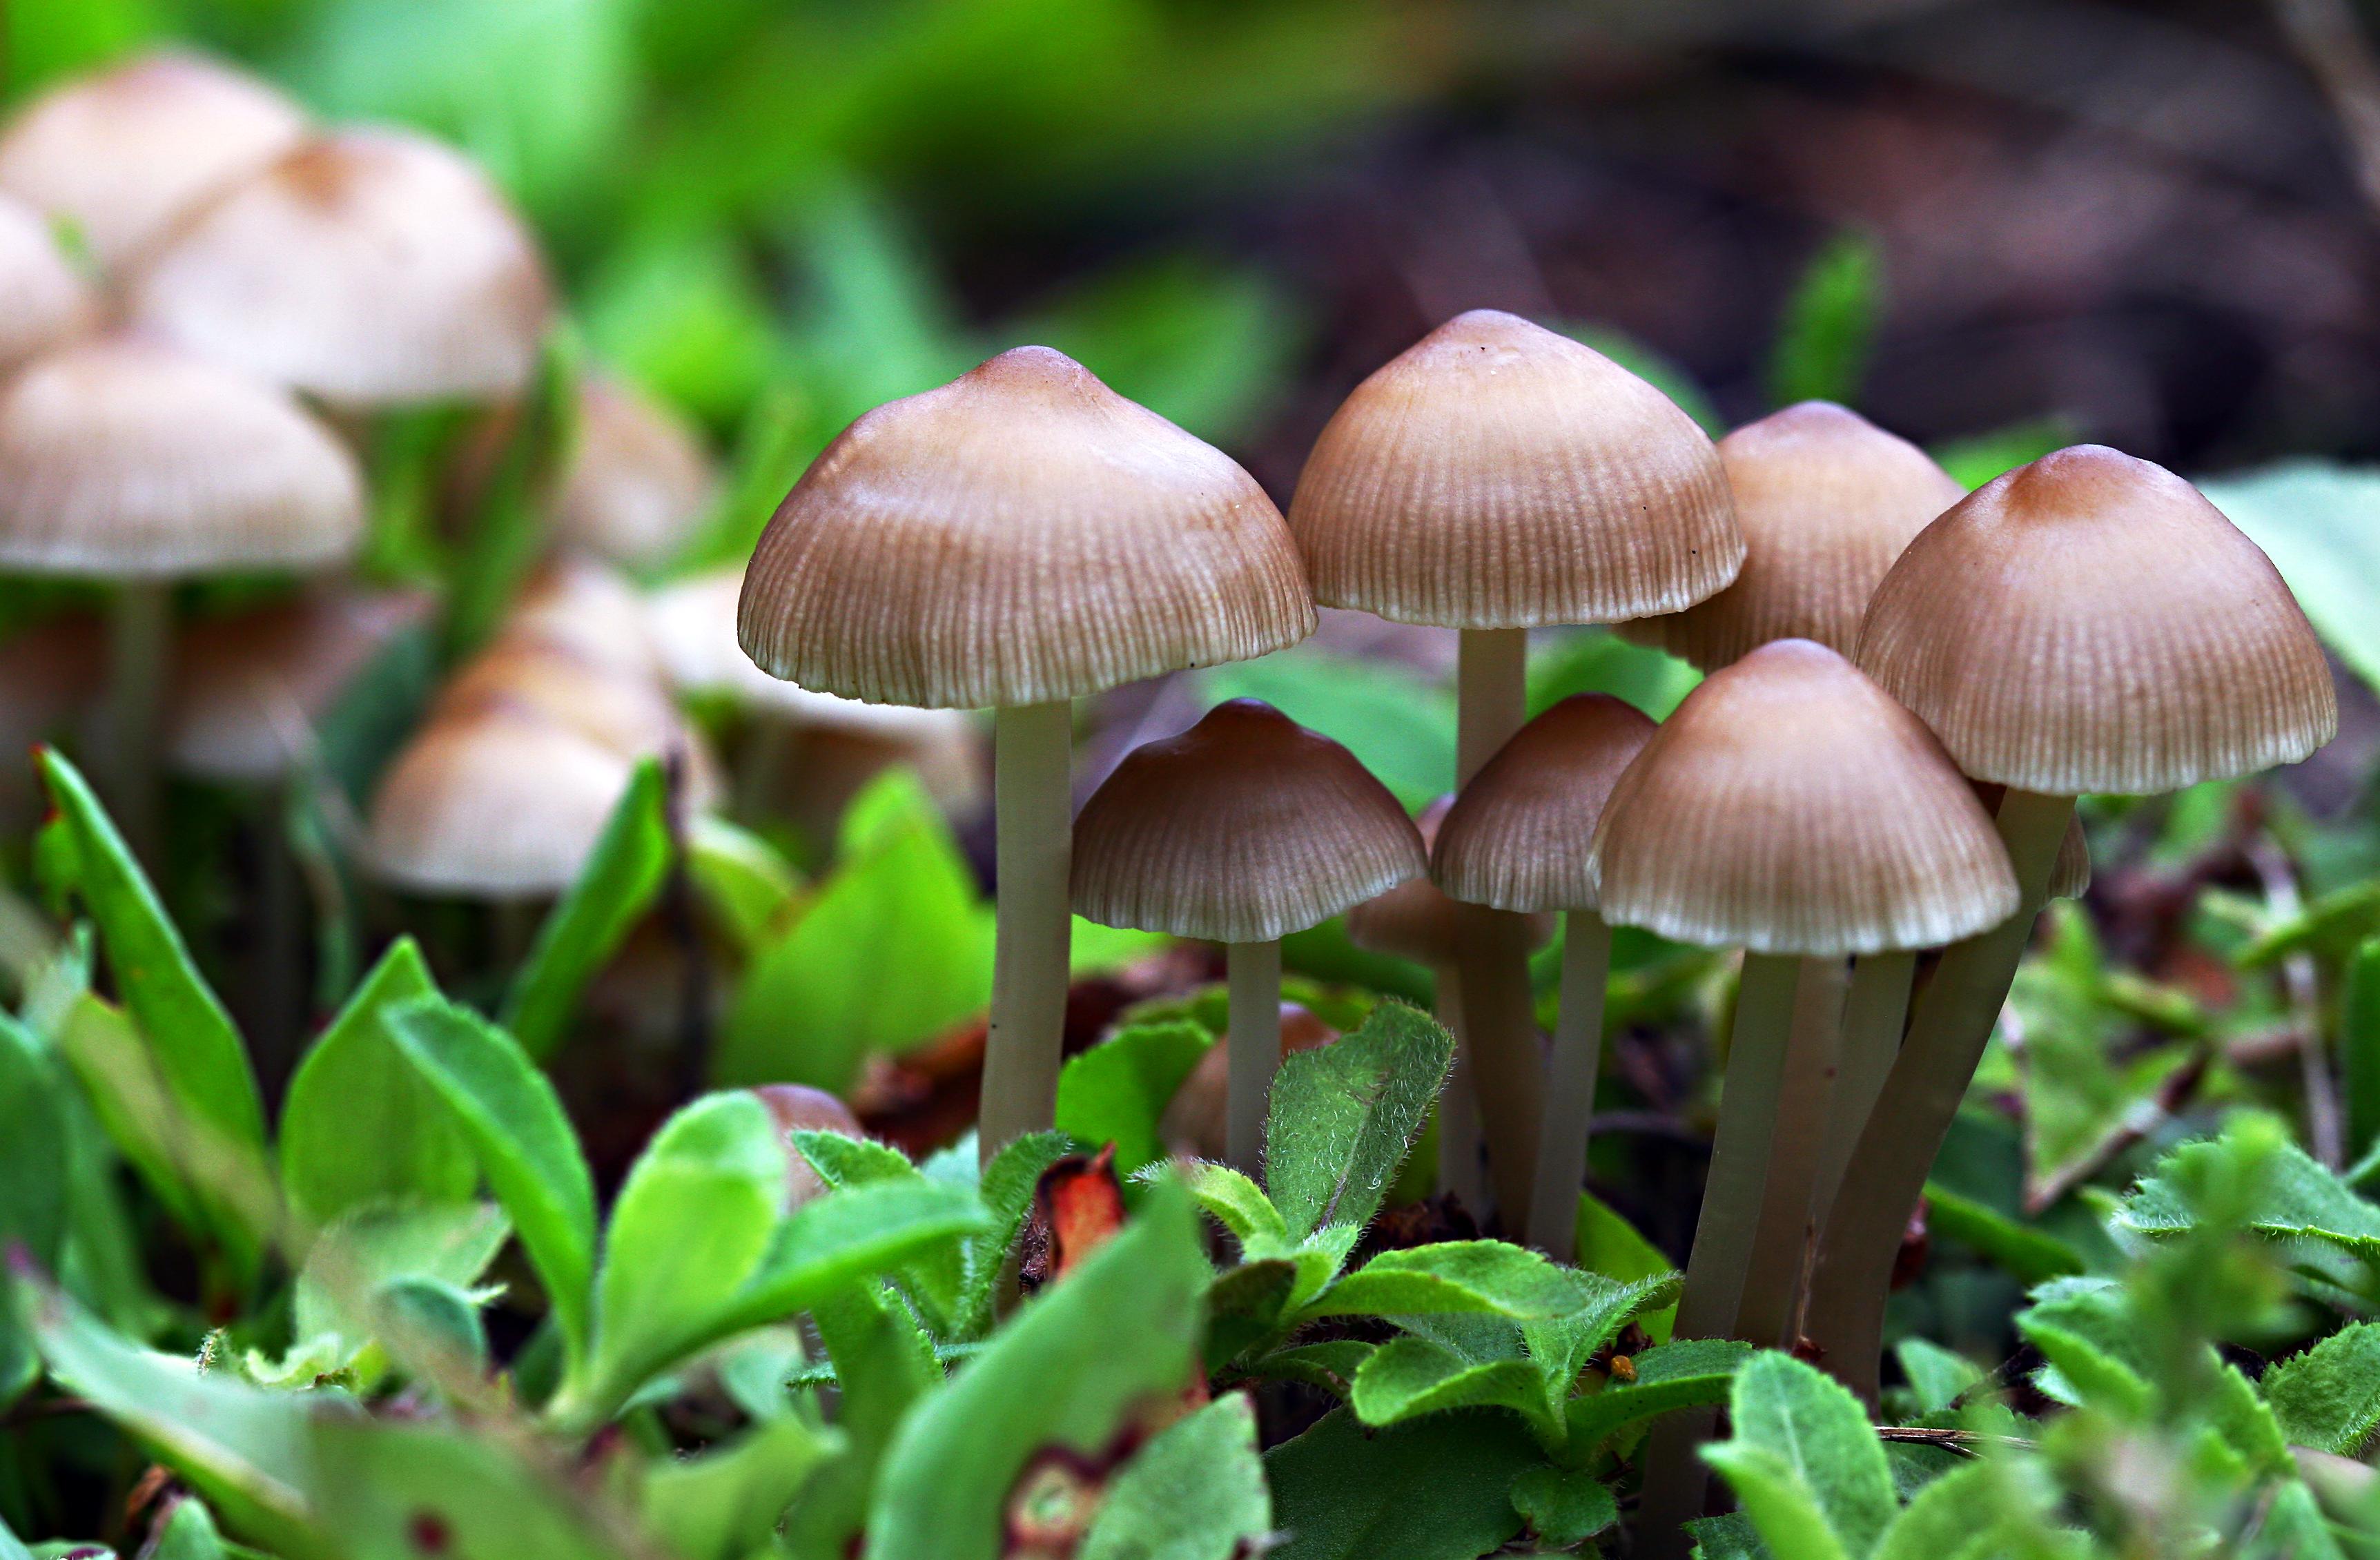 Mushroom #10